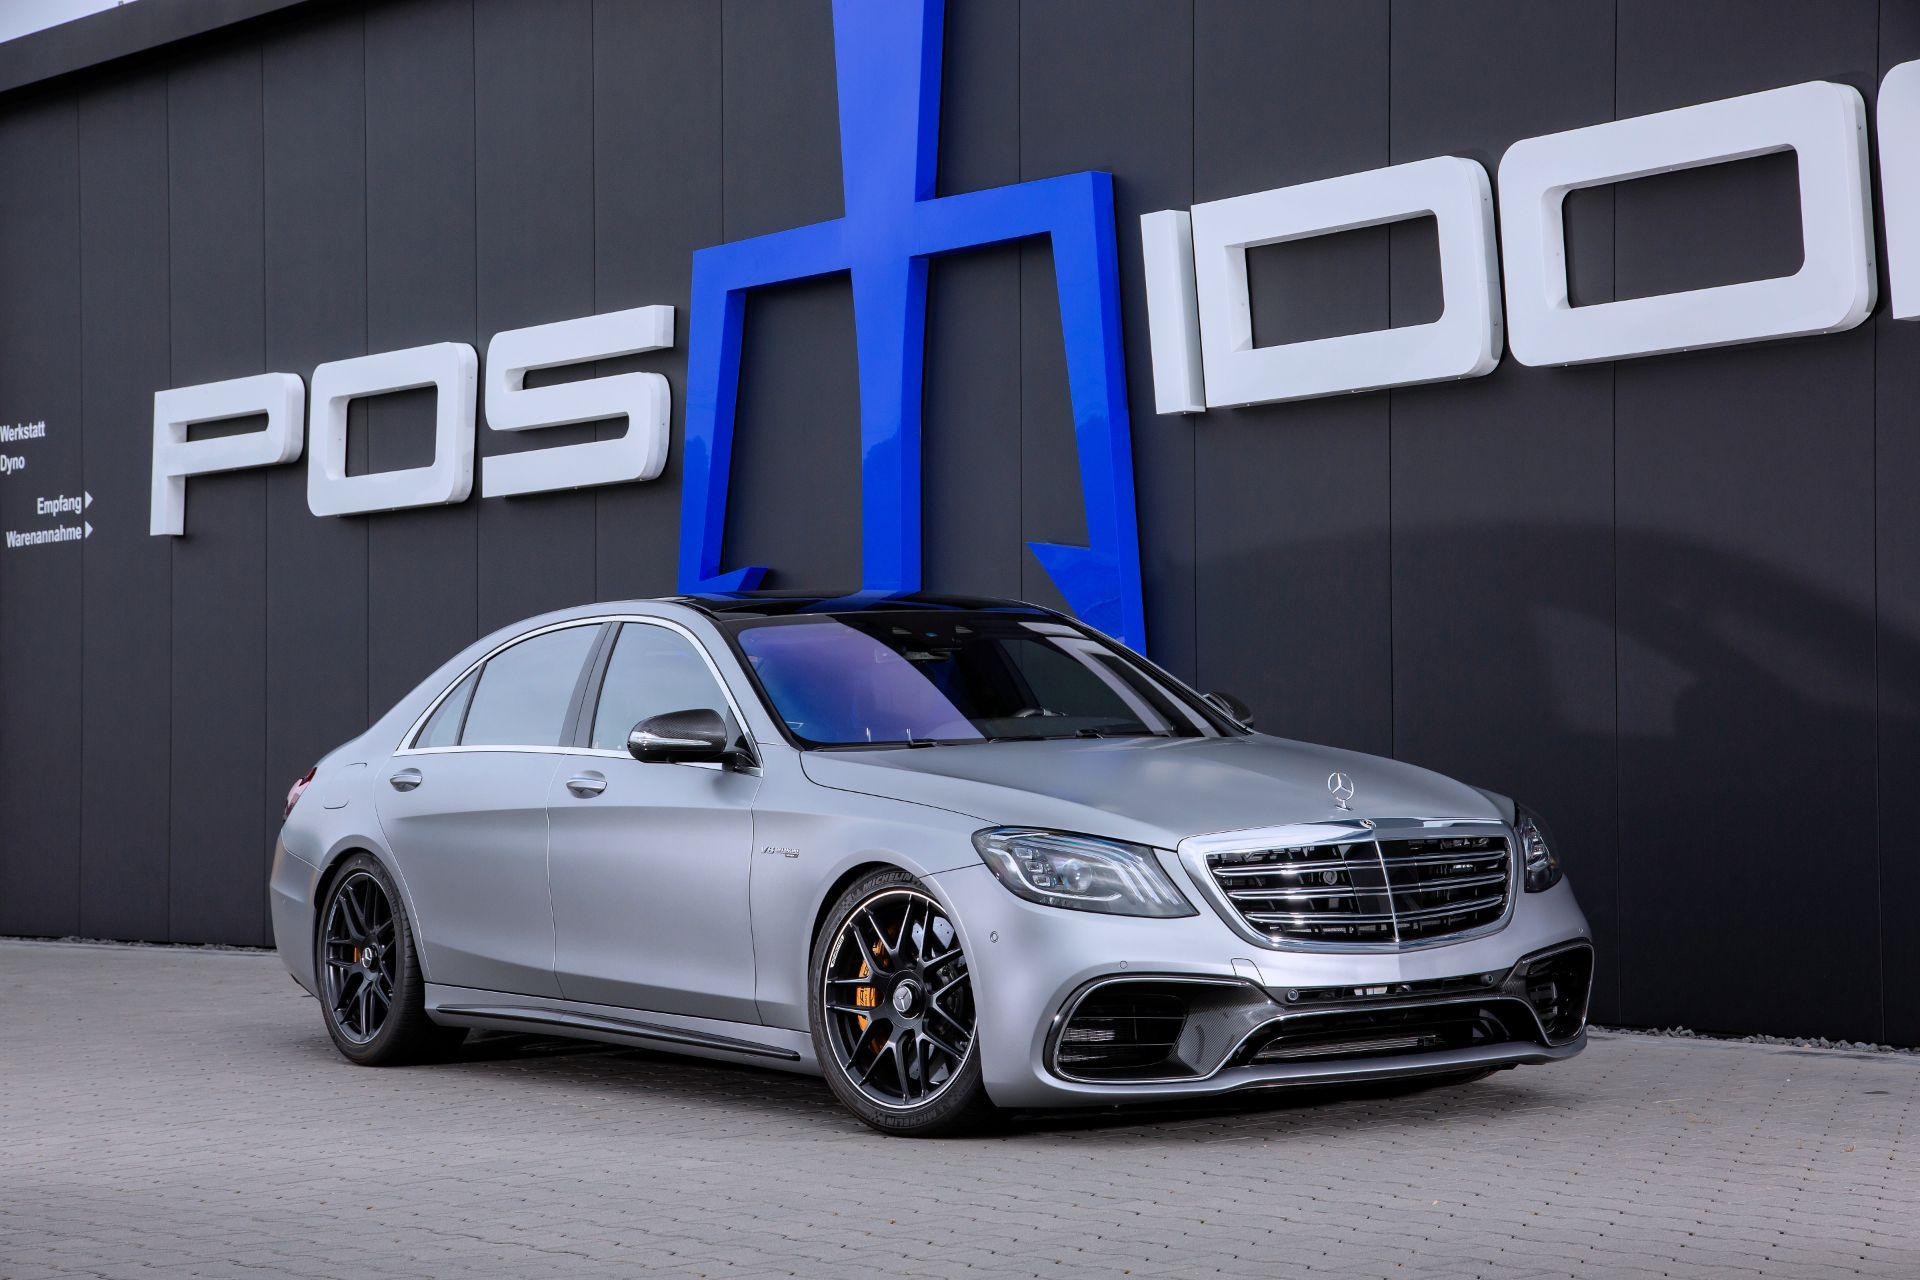 Немецкая мастерская тюнинга Posaidon стартовала продажи доработок двигателя Mercedes-AMG S63 (W222). По традиции, флагманский седан прошлого поколения получил ряд вариантов форсировки на выбор.